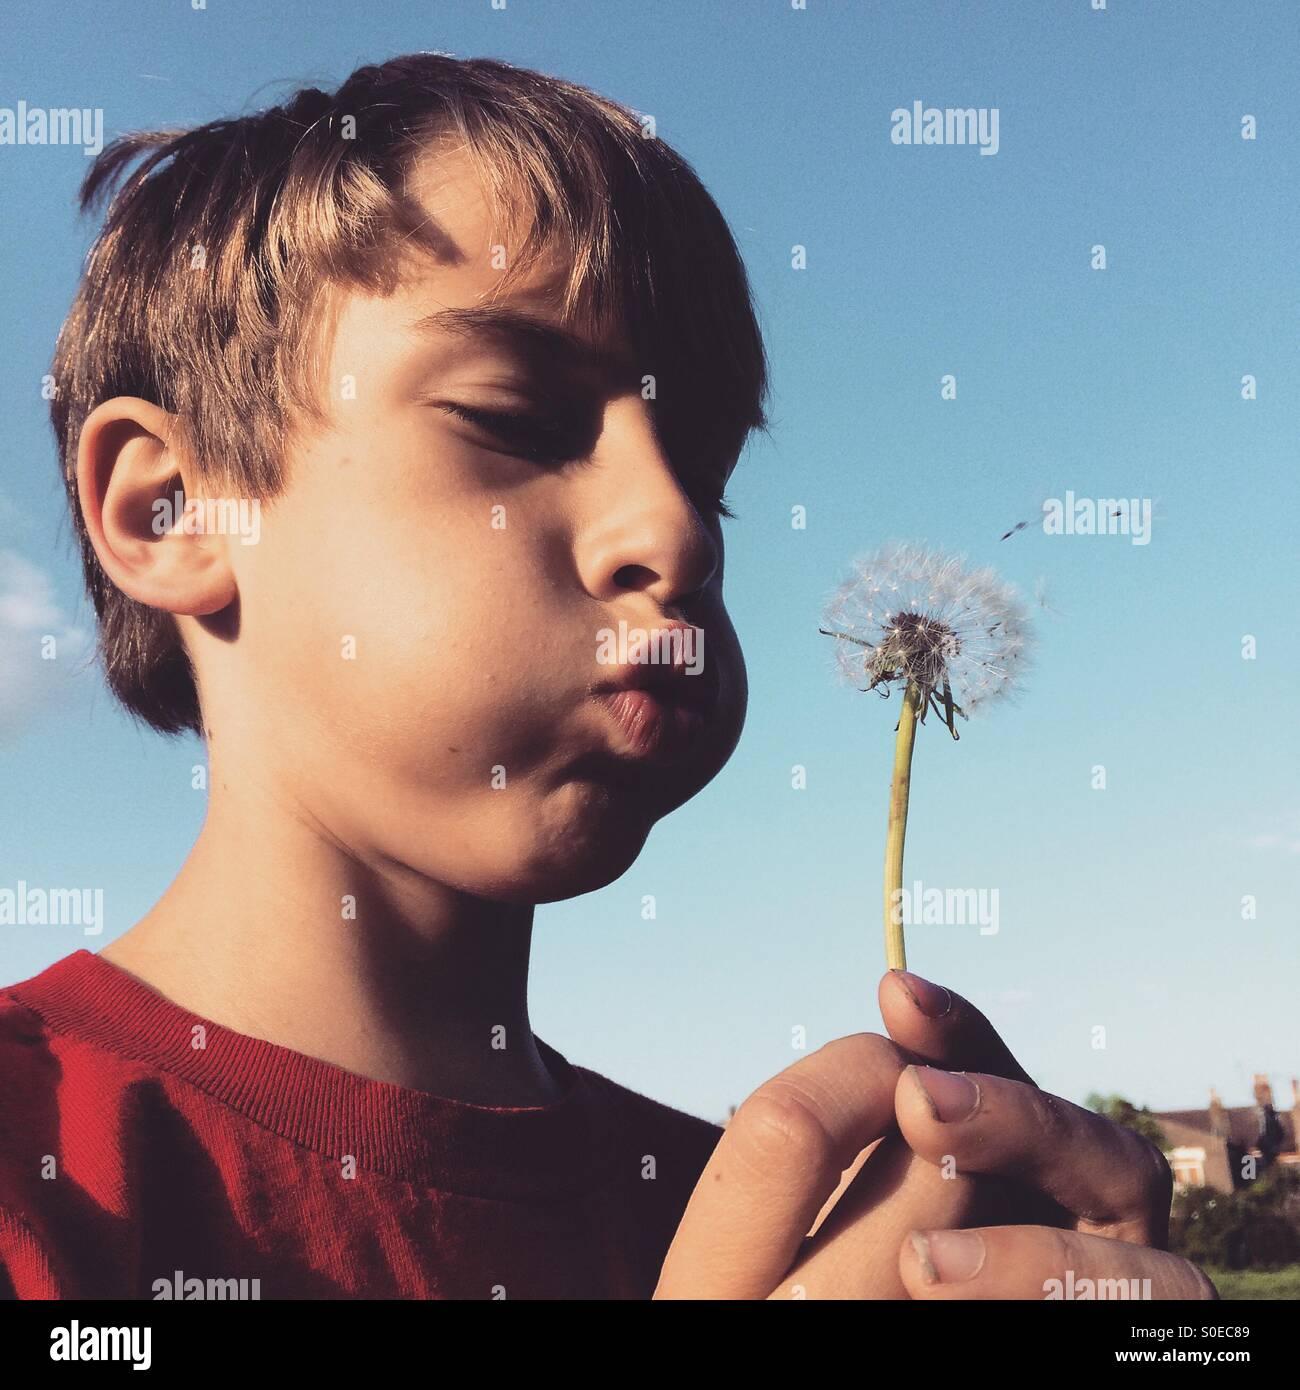 Un giovane ragazzo soffia un tarassaco. Immagini Stock